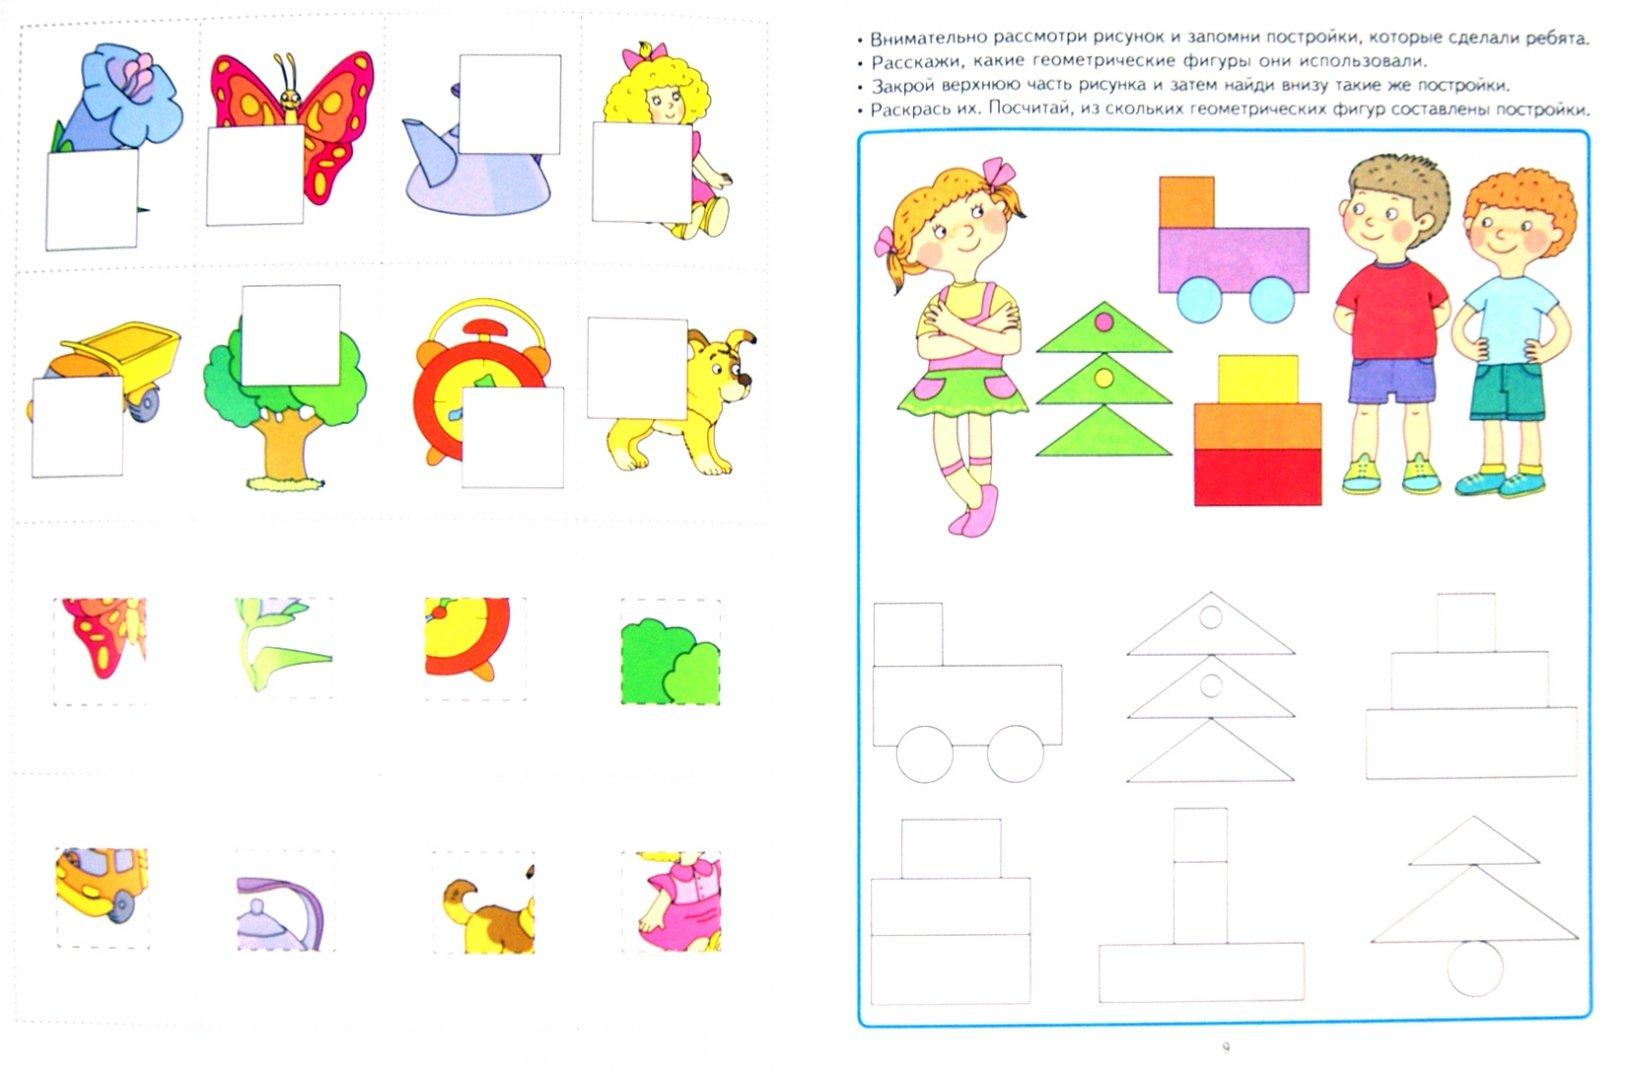 картинки для занятий с детьми развивающие означает